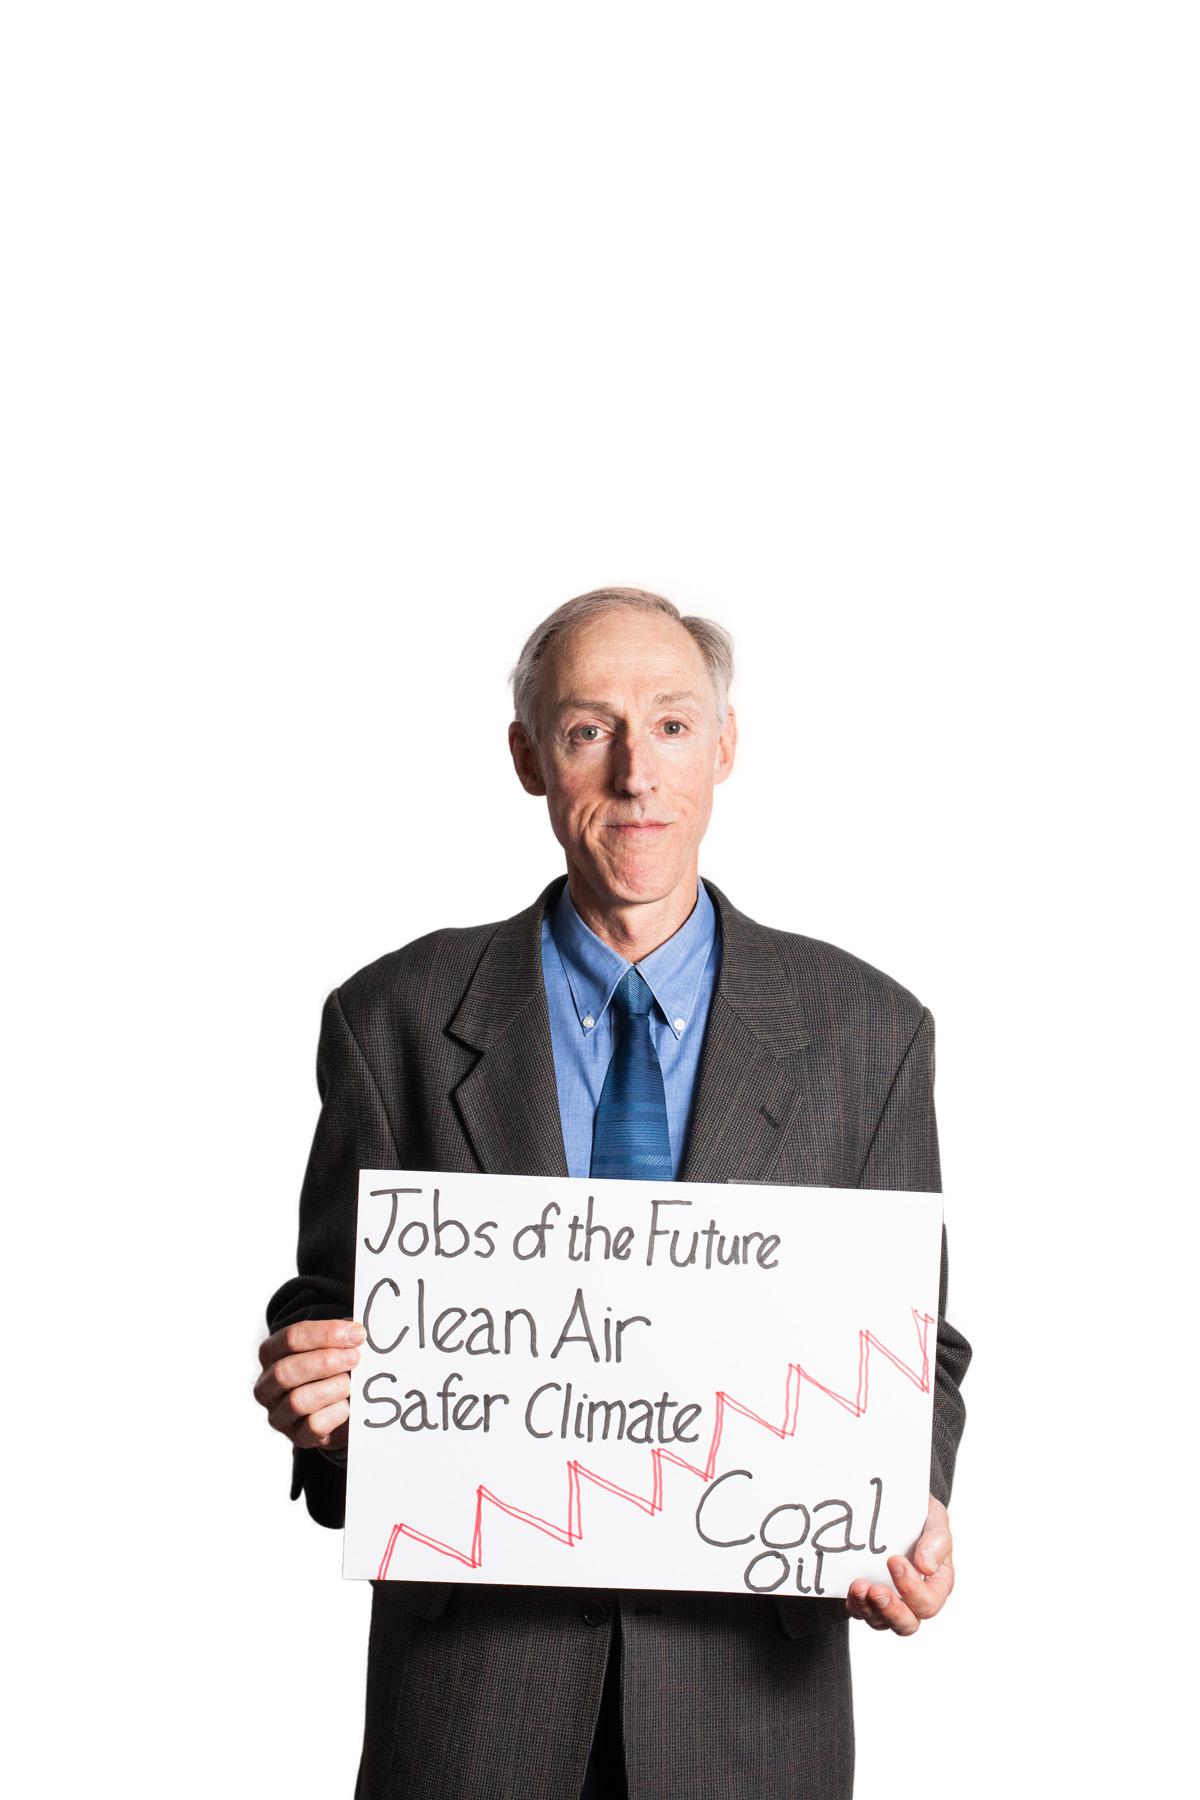 clean_air_jobs_of_the_future.jpg